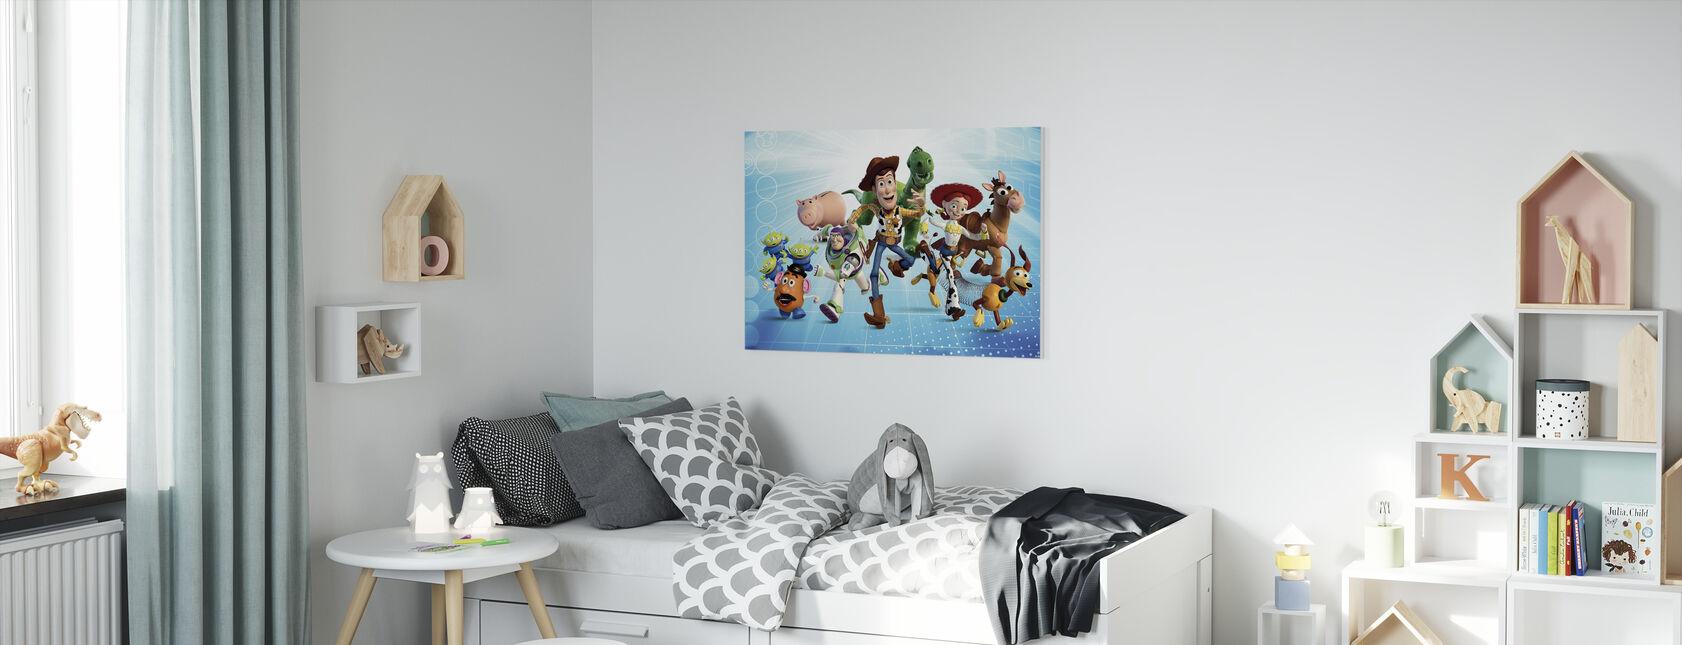 Toy Story - Gjengen - Lerretsbilde - Barnerom